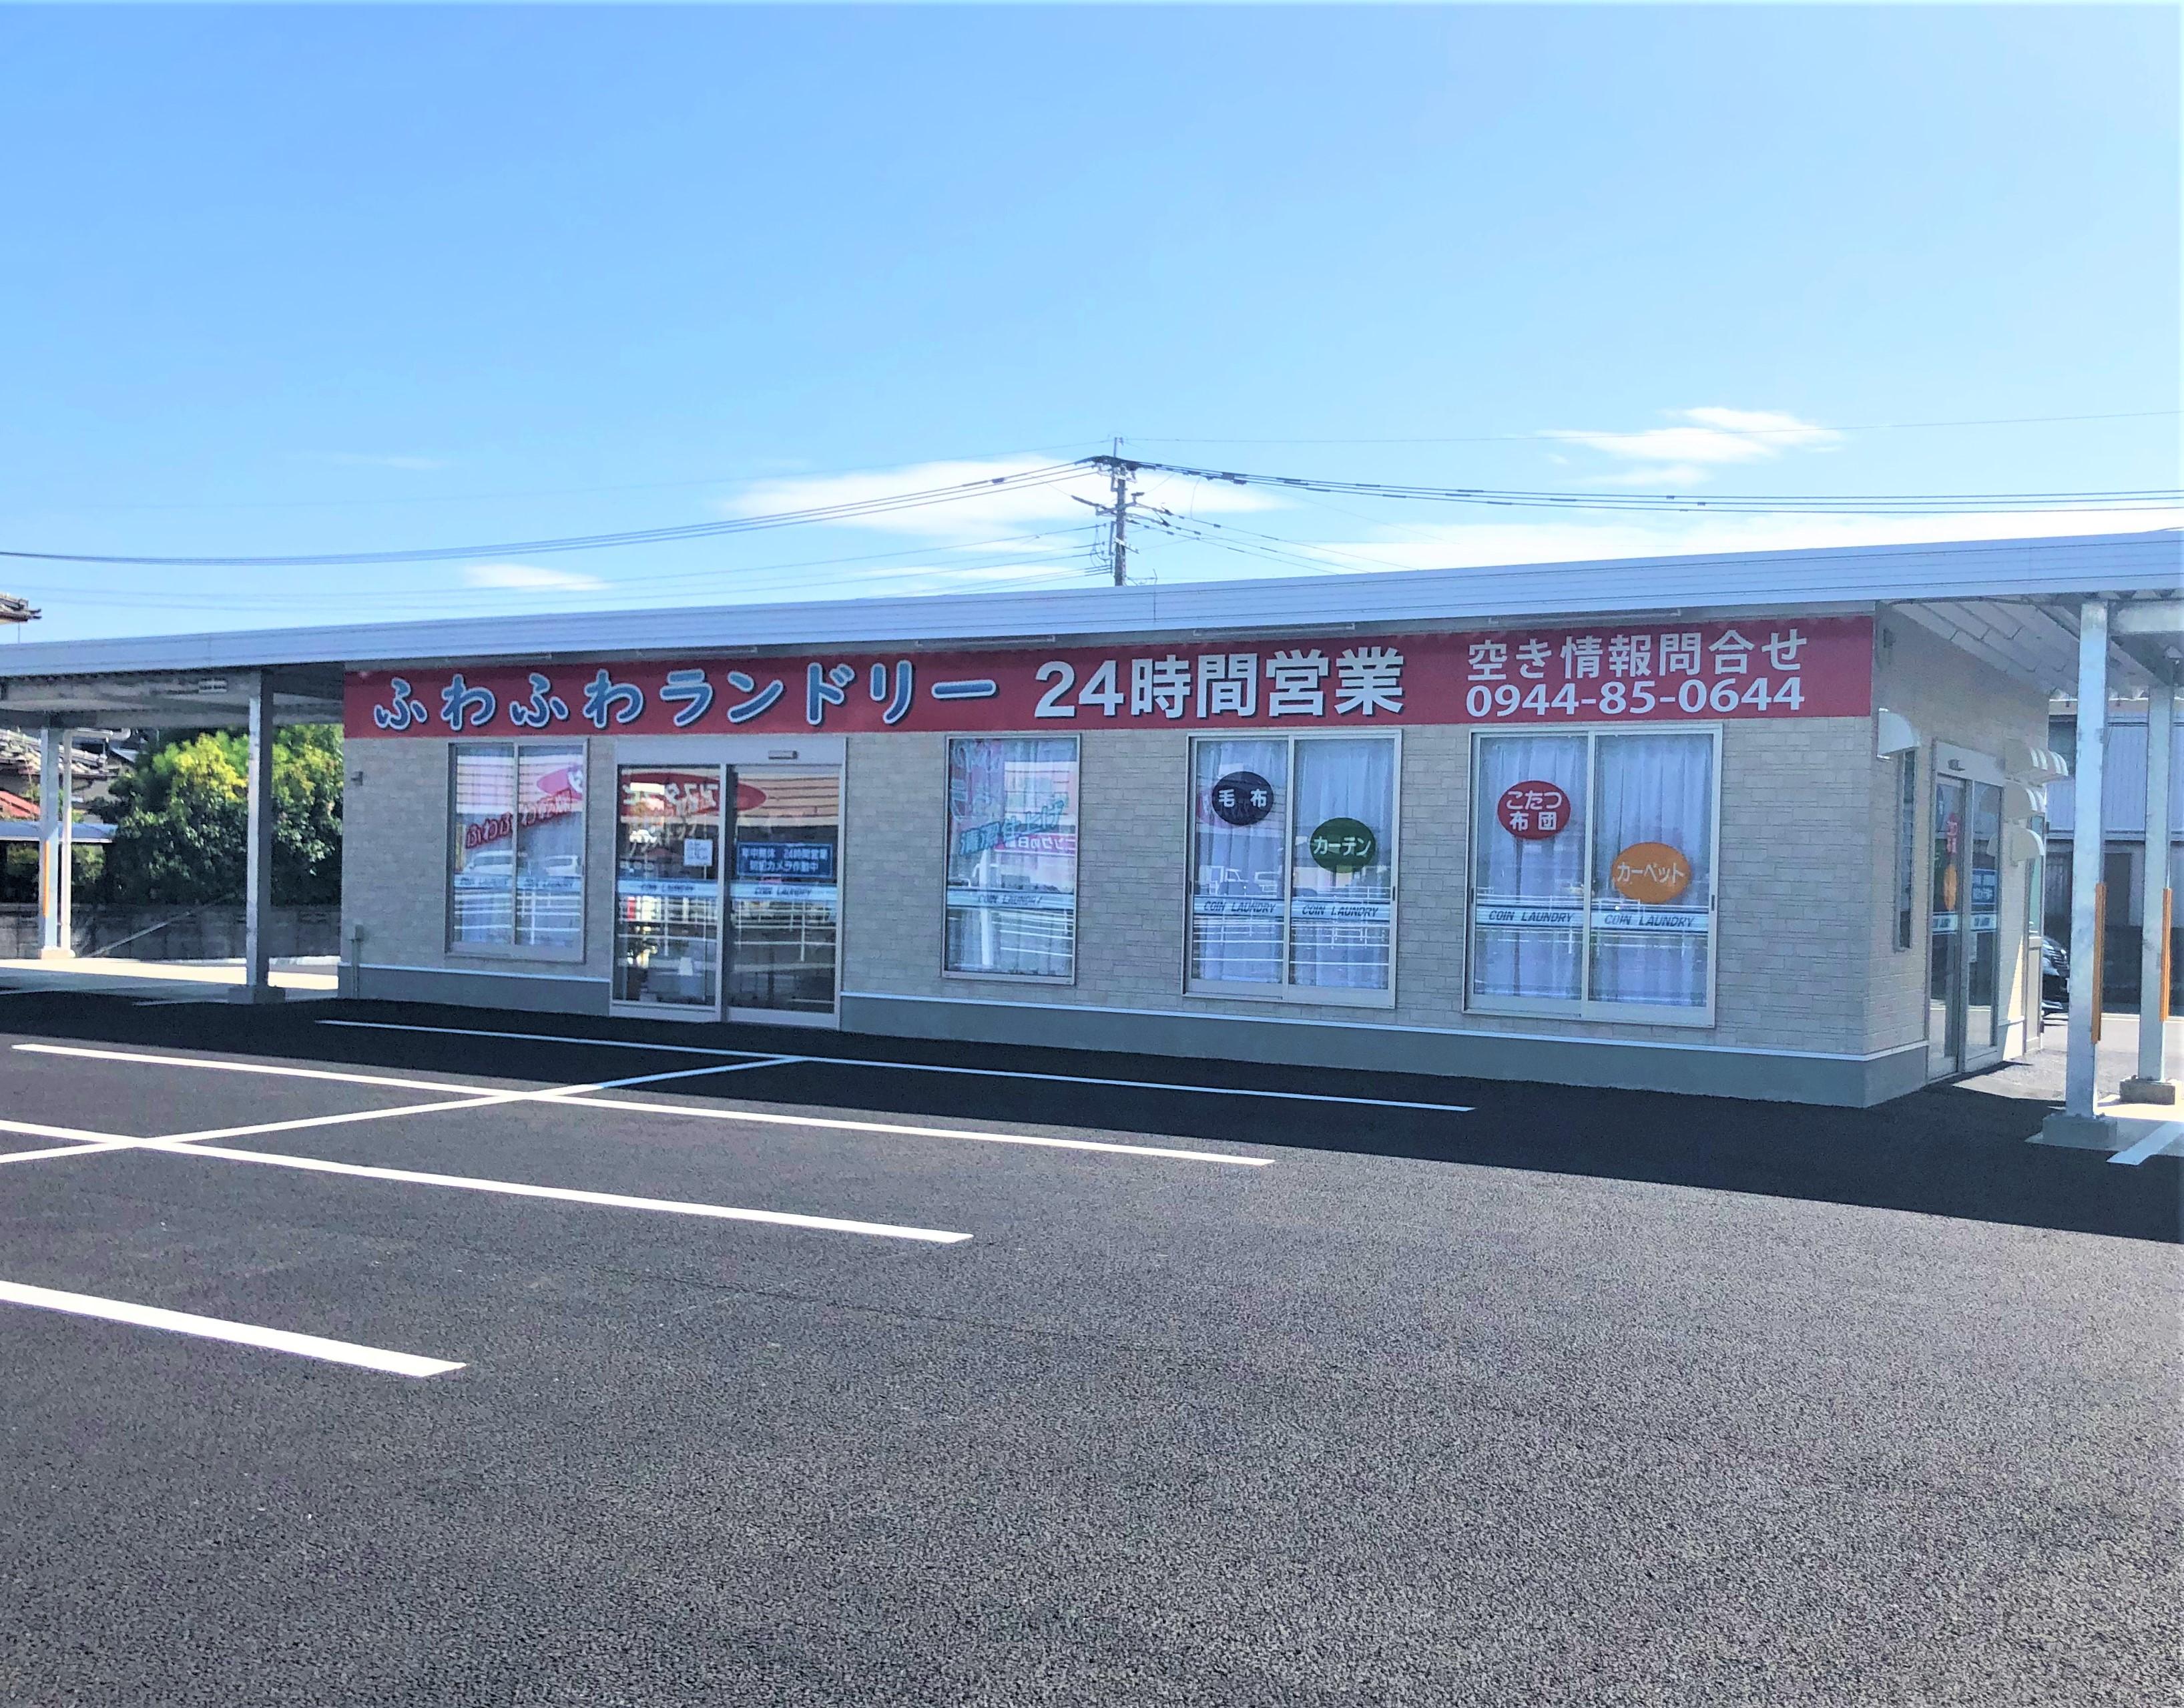 柳川蒲池店 コインランドリー併設